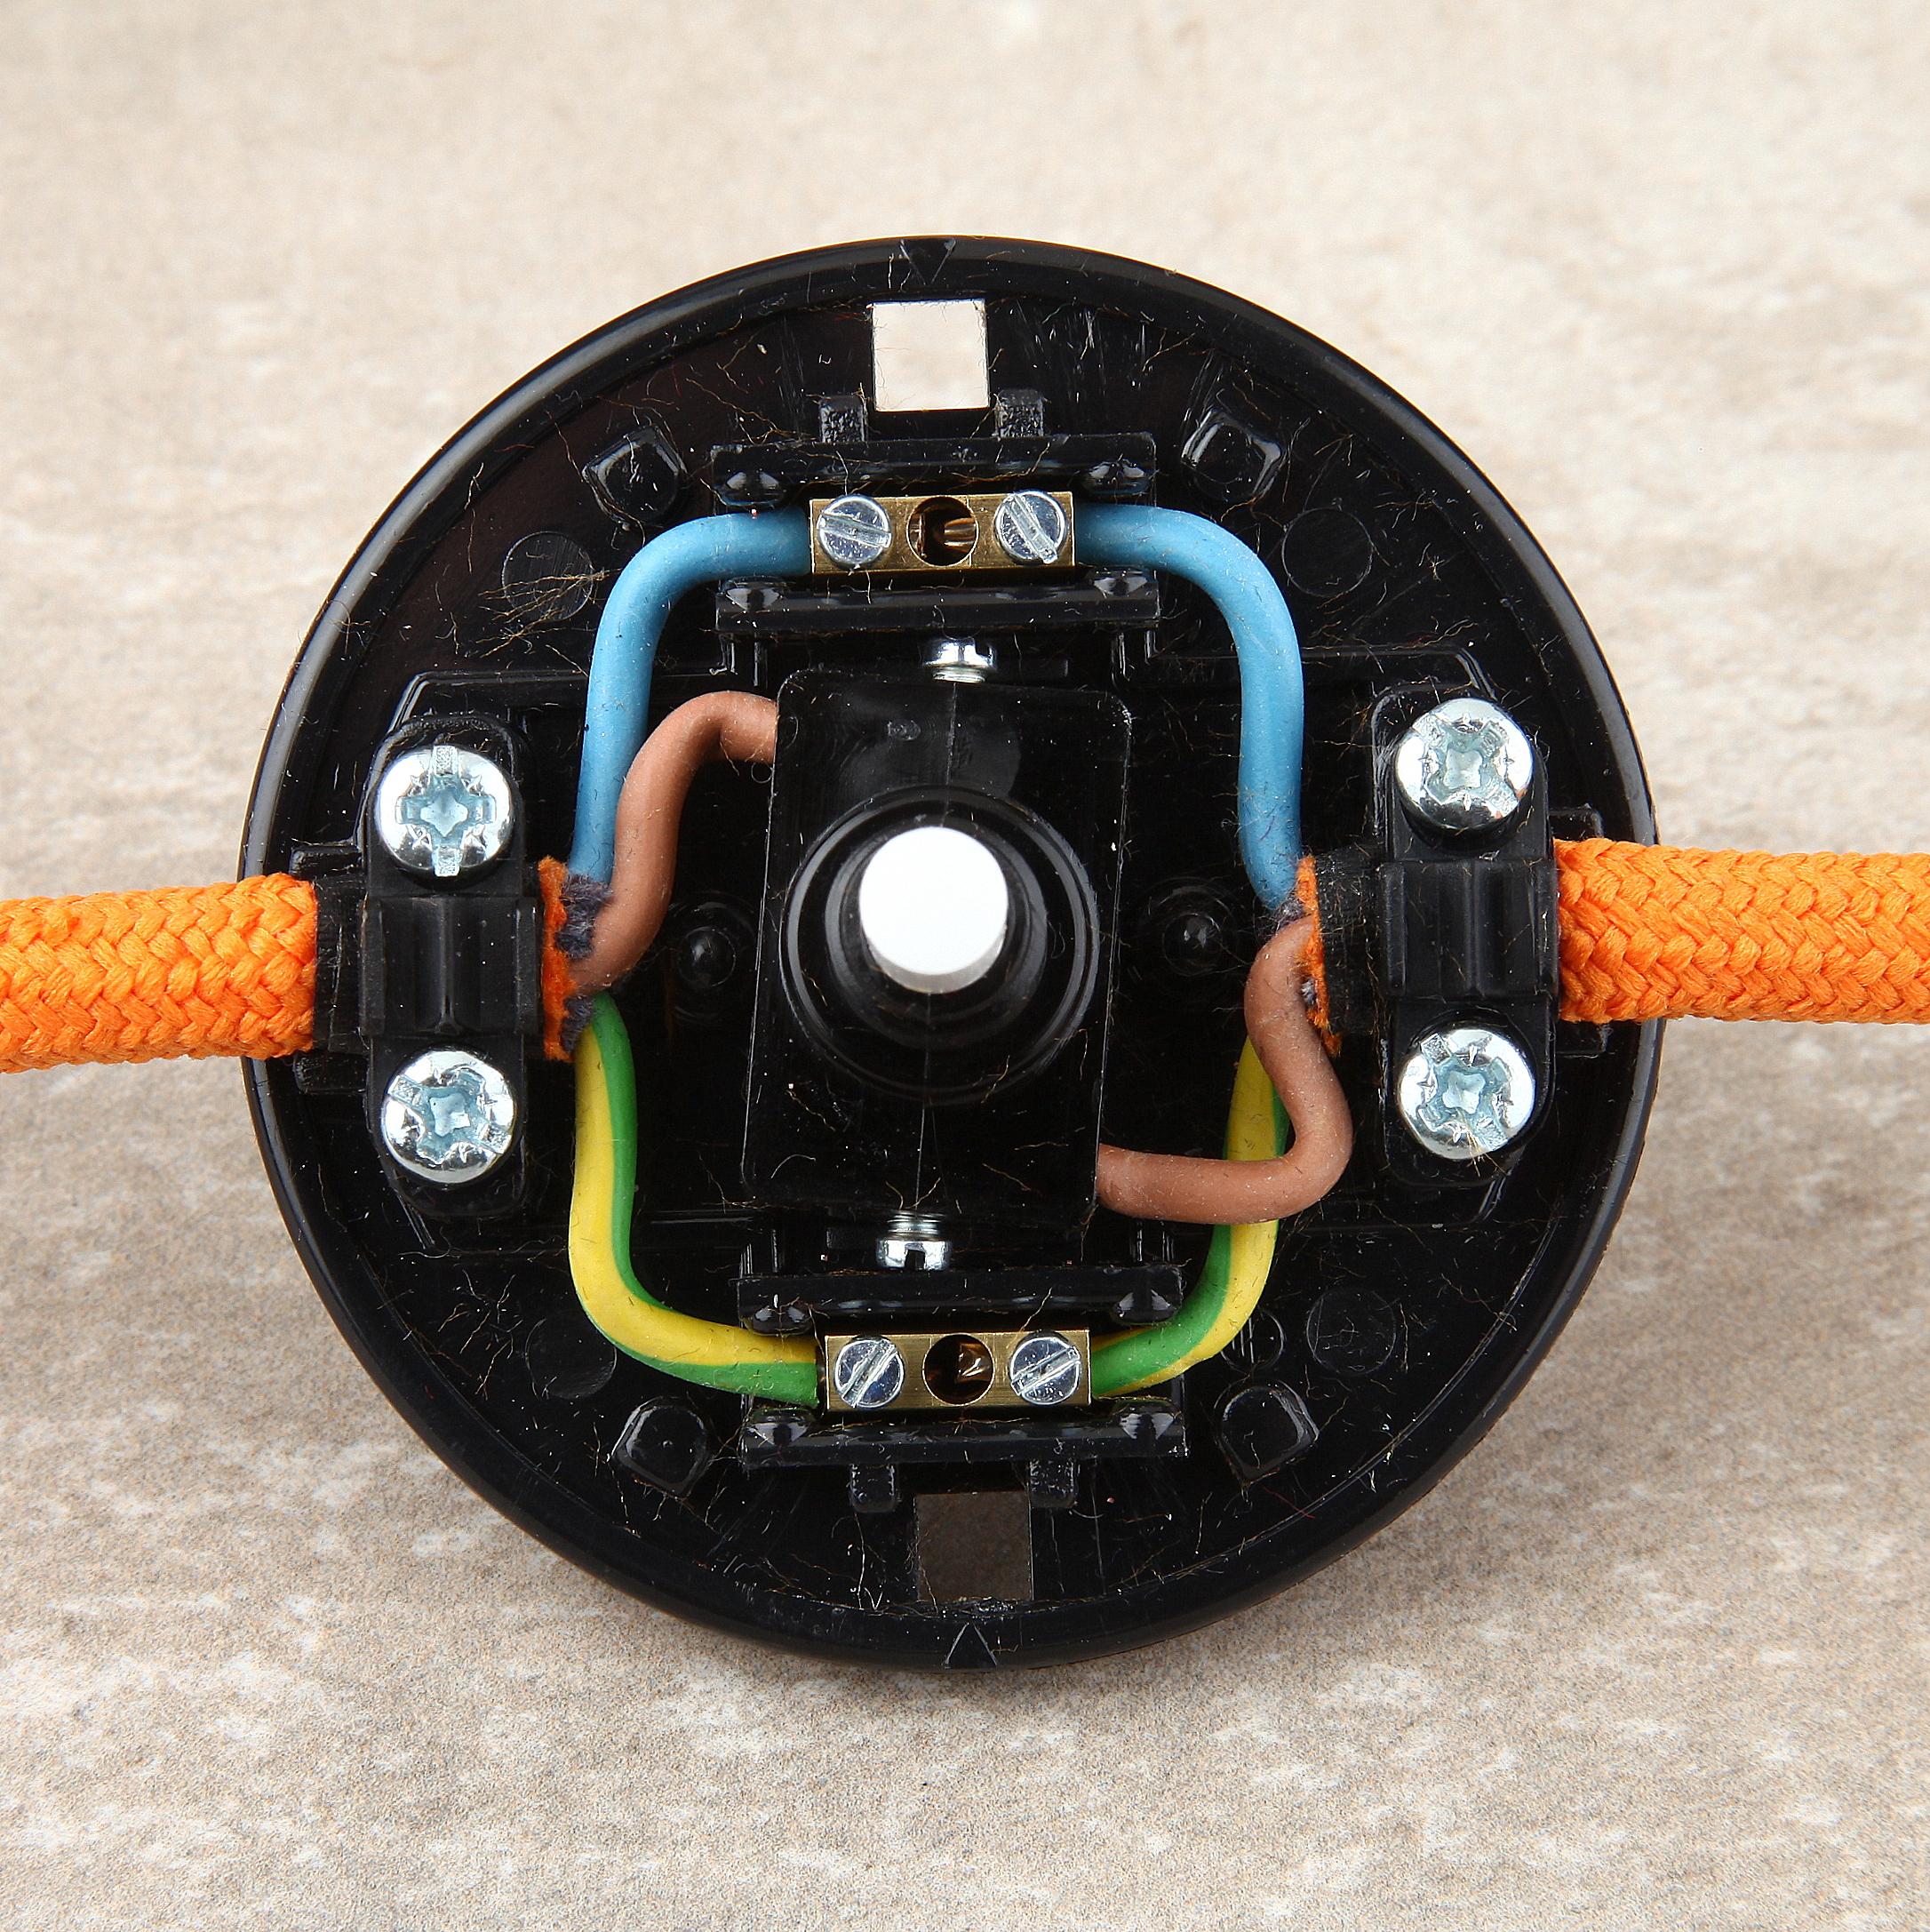 Lampen fusstretschalter selber verkabeln 3 diy lampenbau for Lampen verkabeln